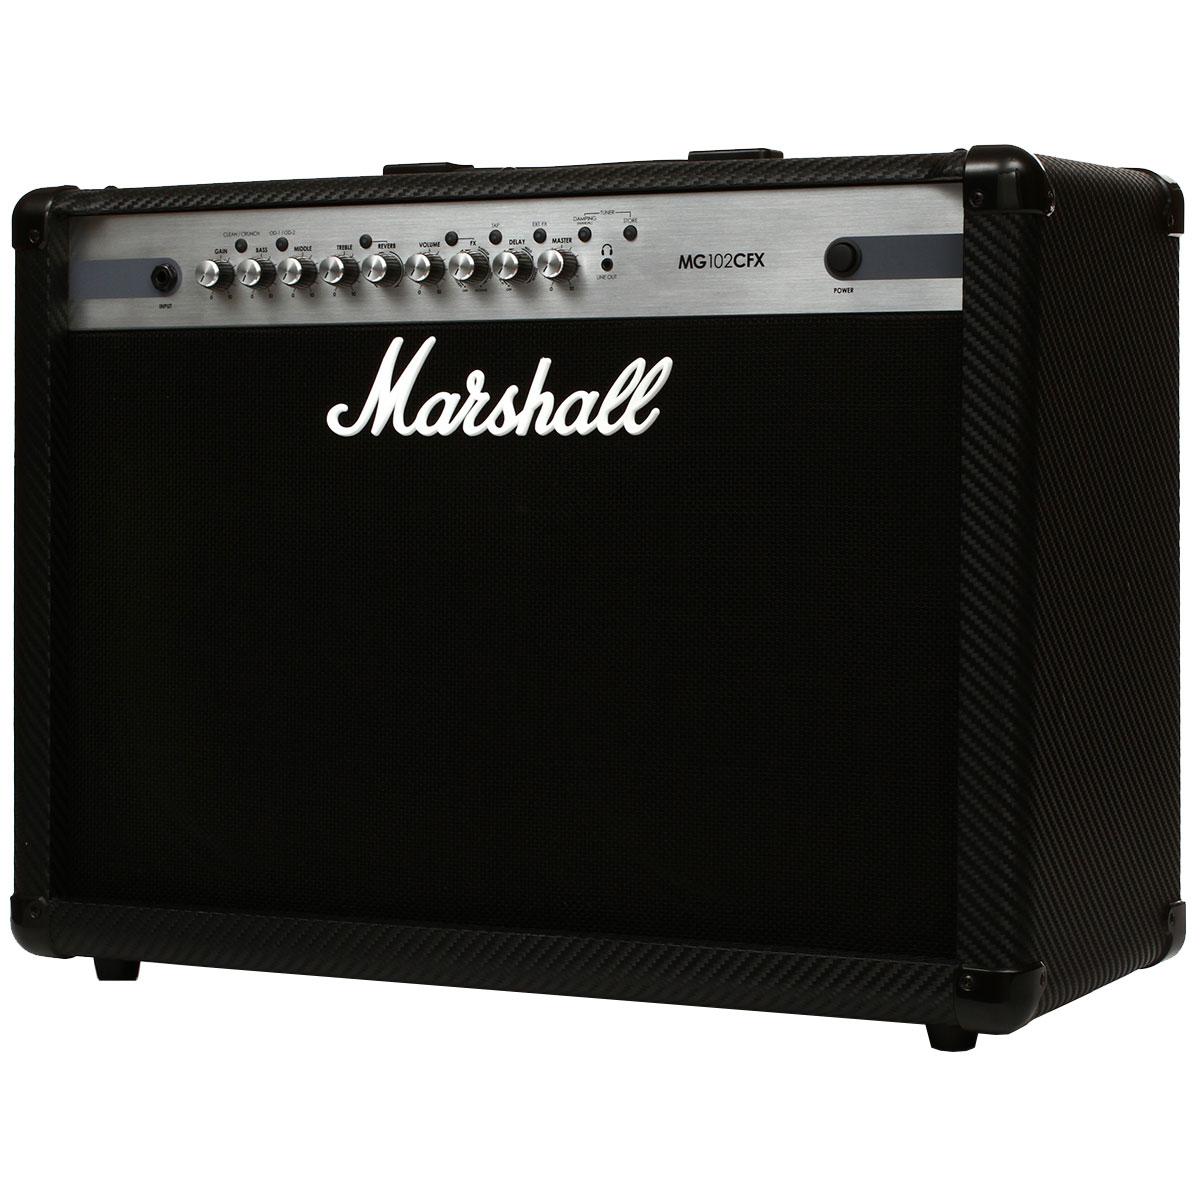 Cubo Ativo p/ Guitarra Fal 2x12 Pol 100W Carbon Fibre - MG 102 CFX Marshall